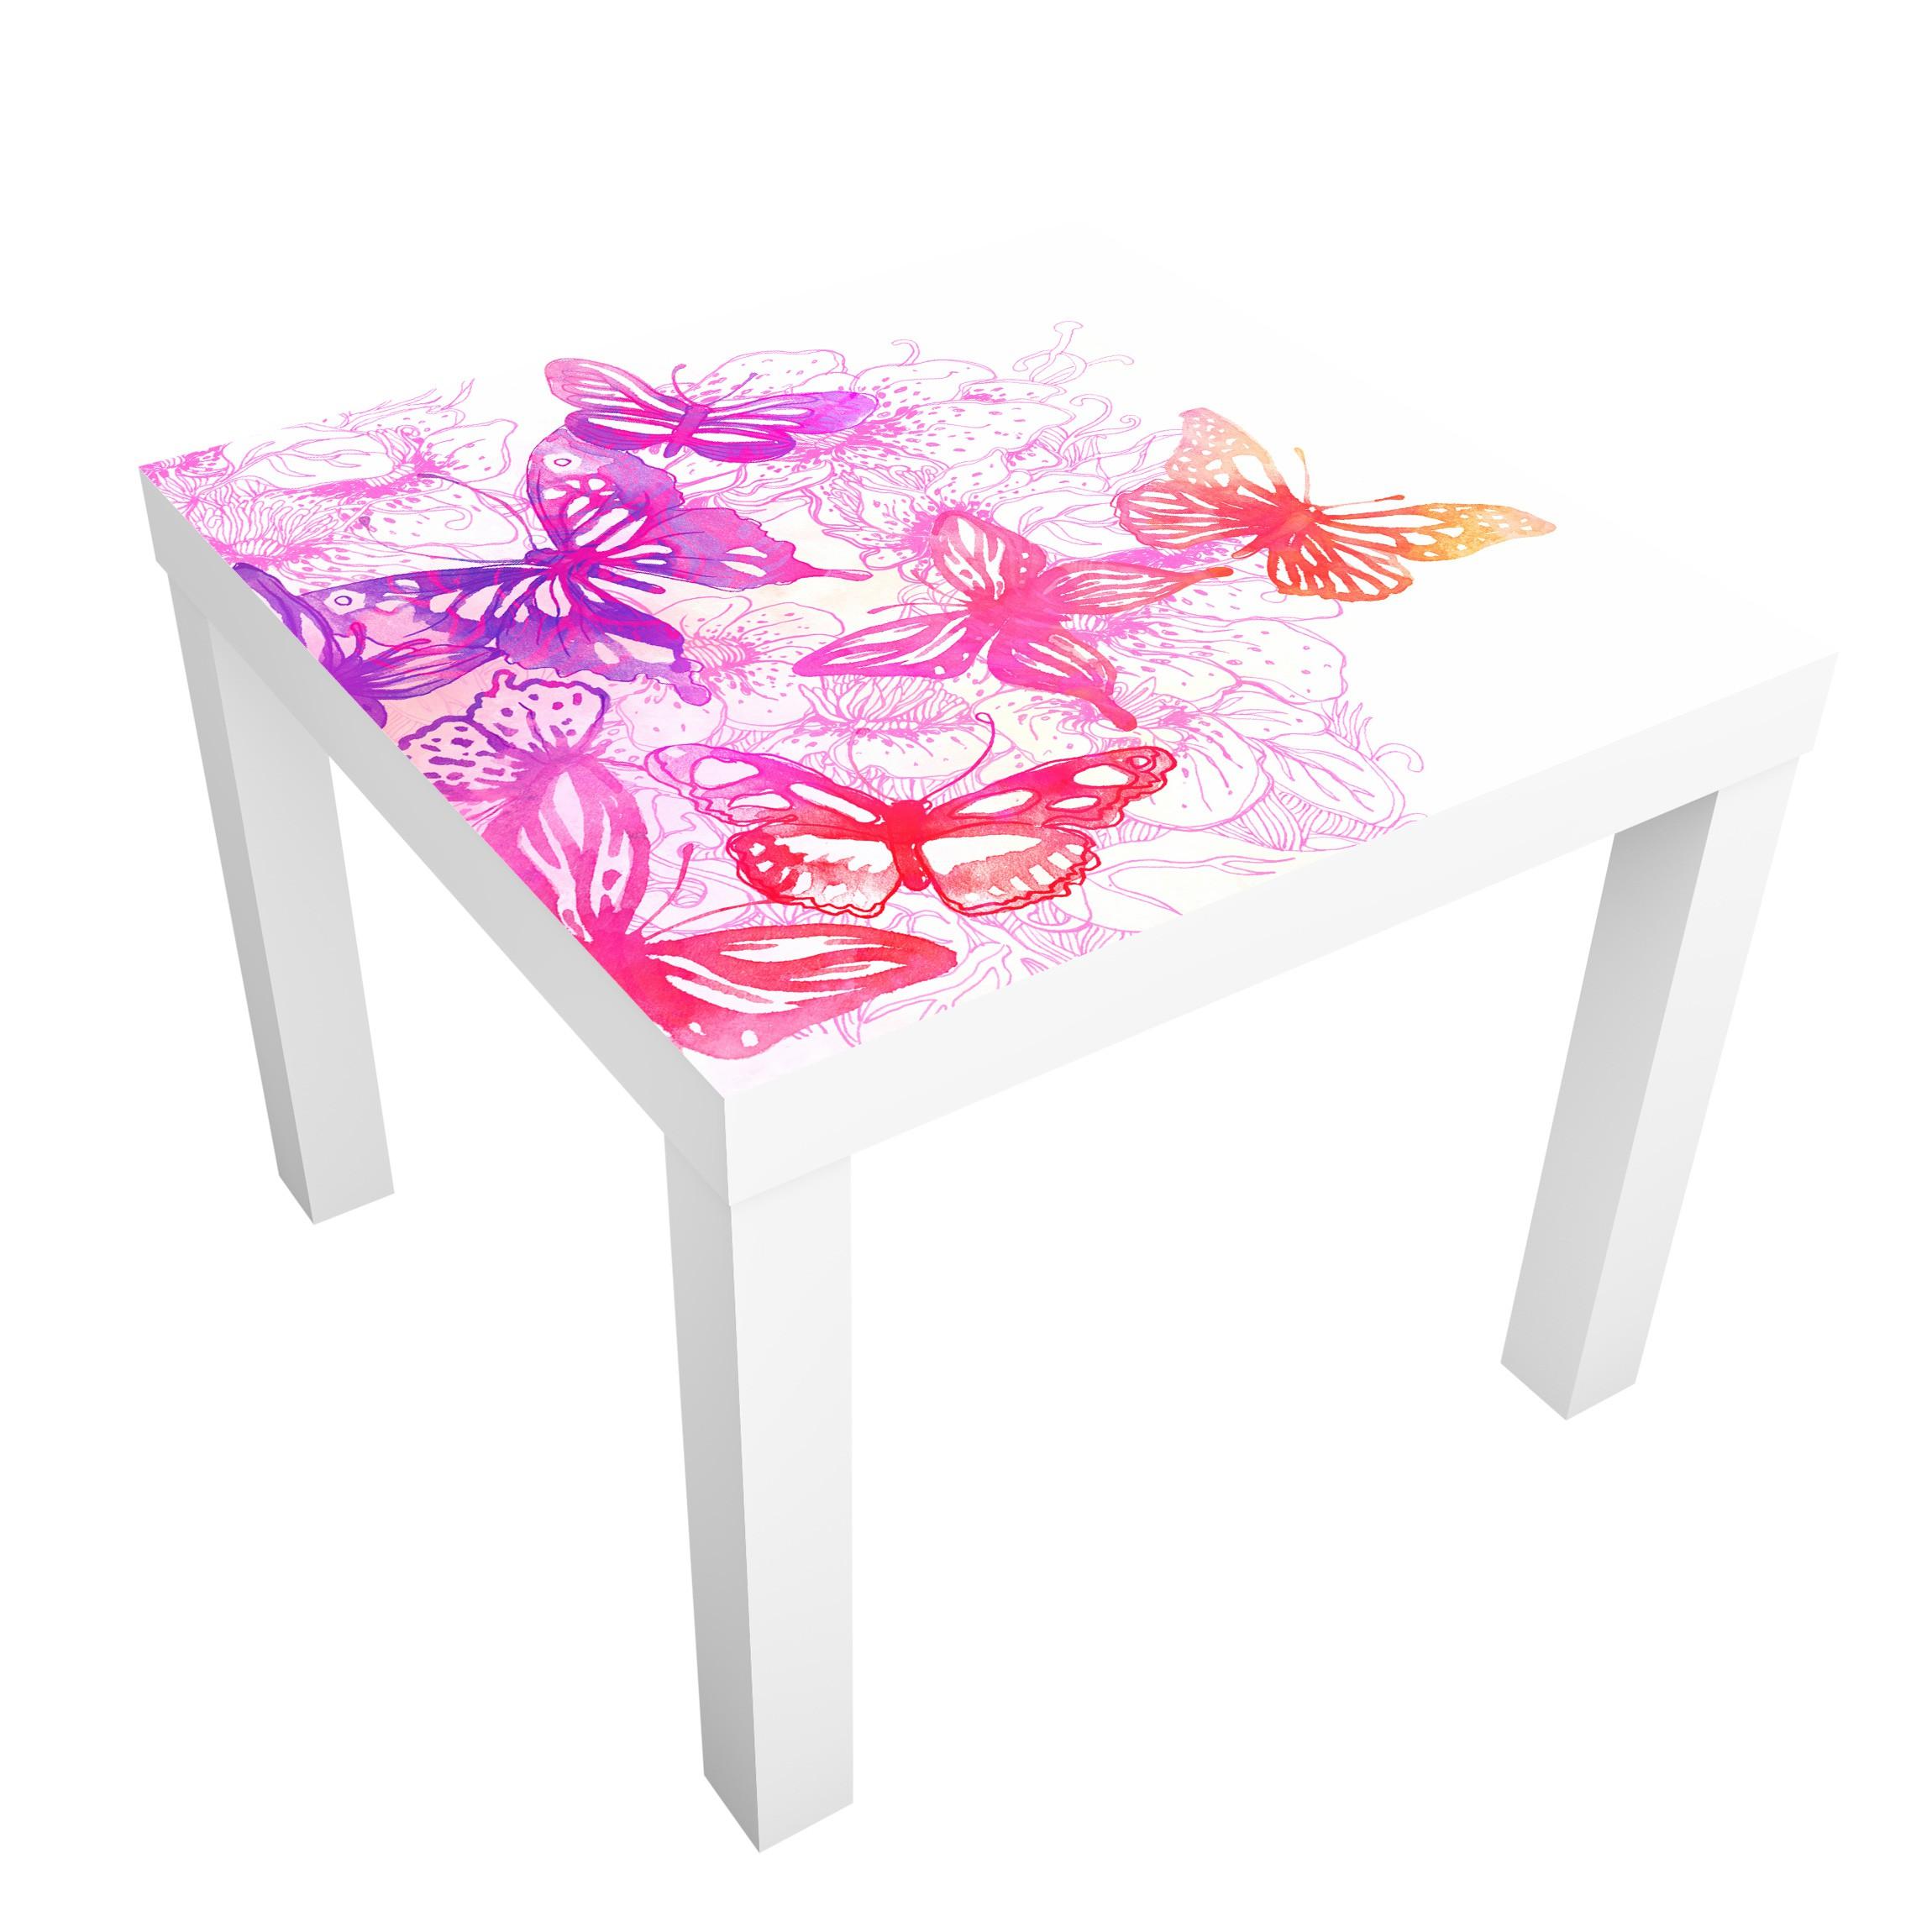 Carta adesiva per mobili ikea lack tavolino butterfly dream for Carta adesiva mobili